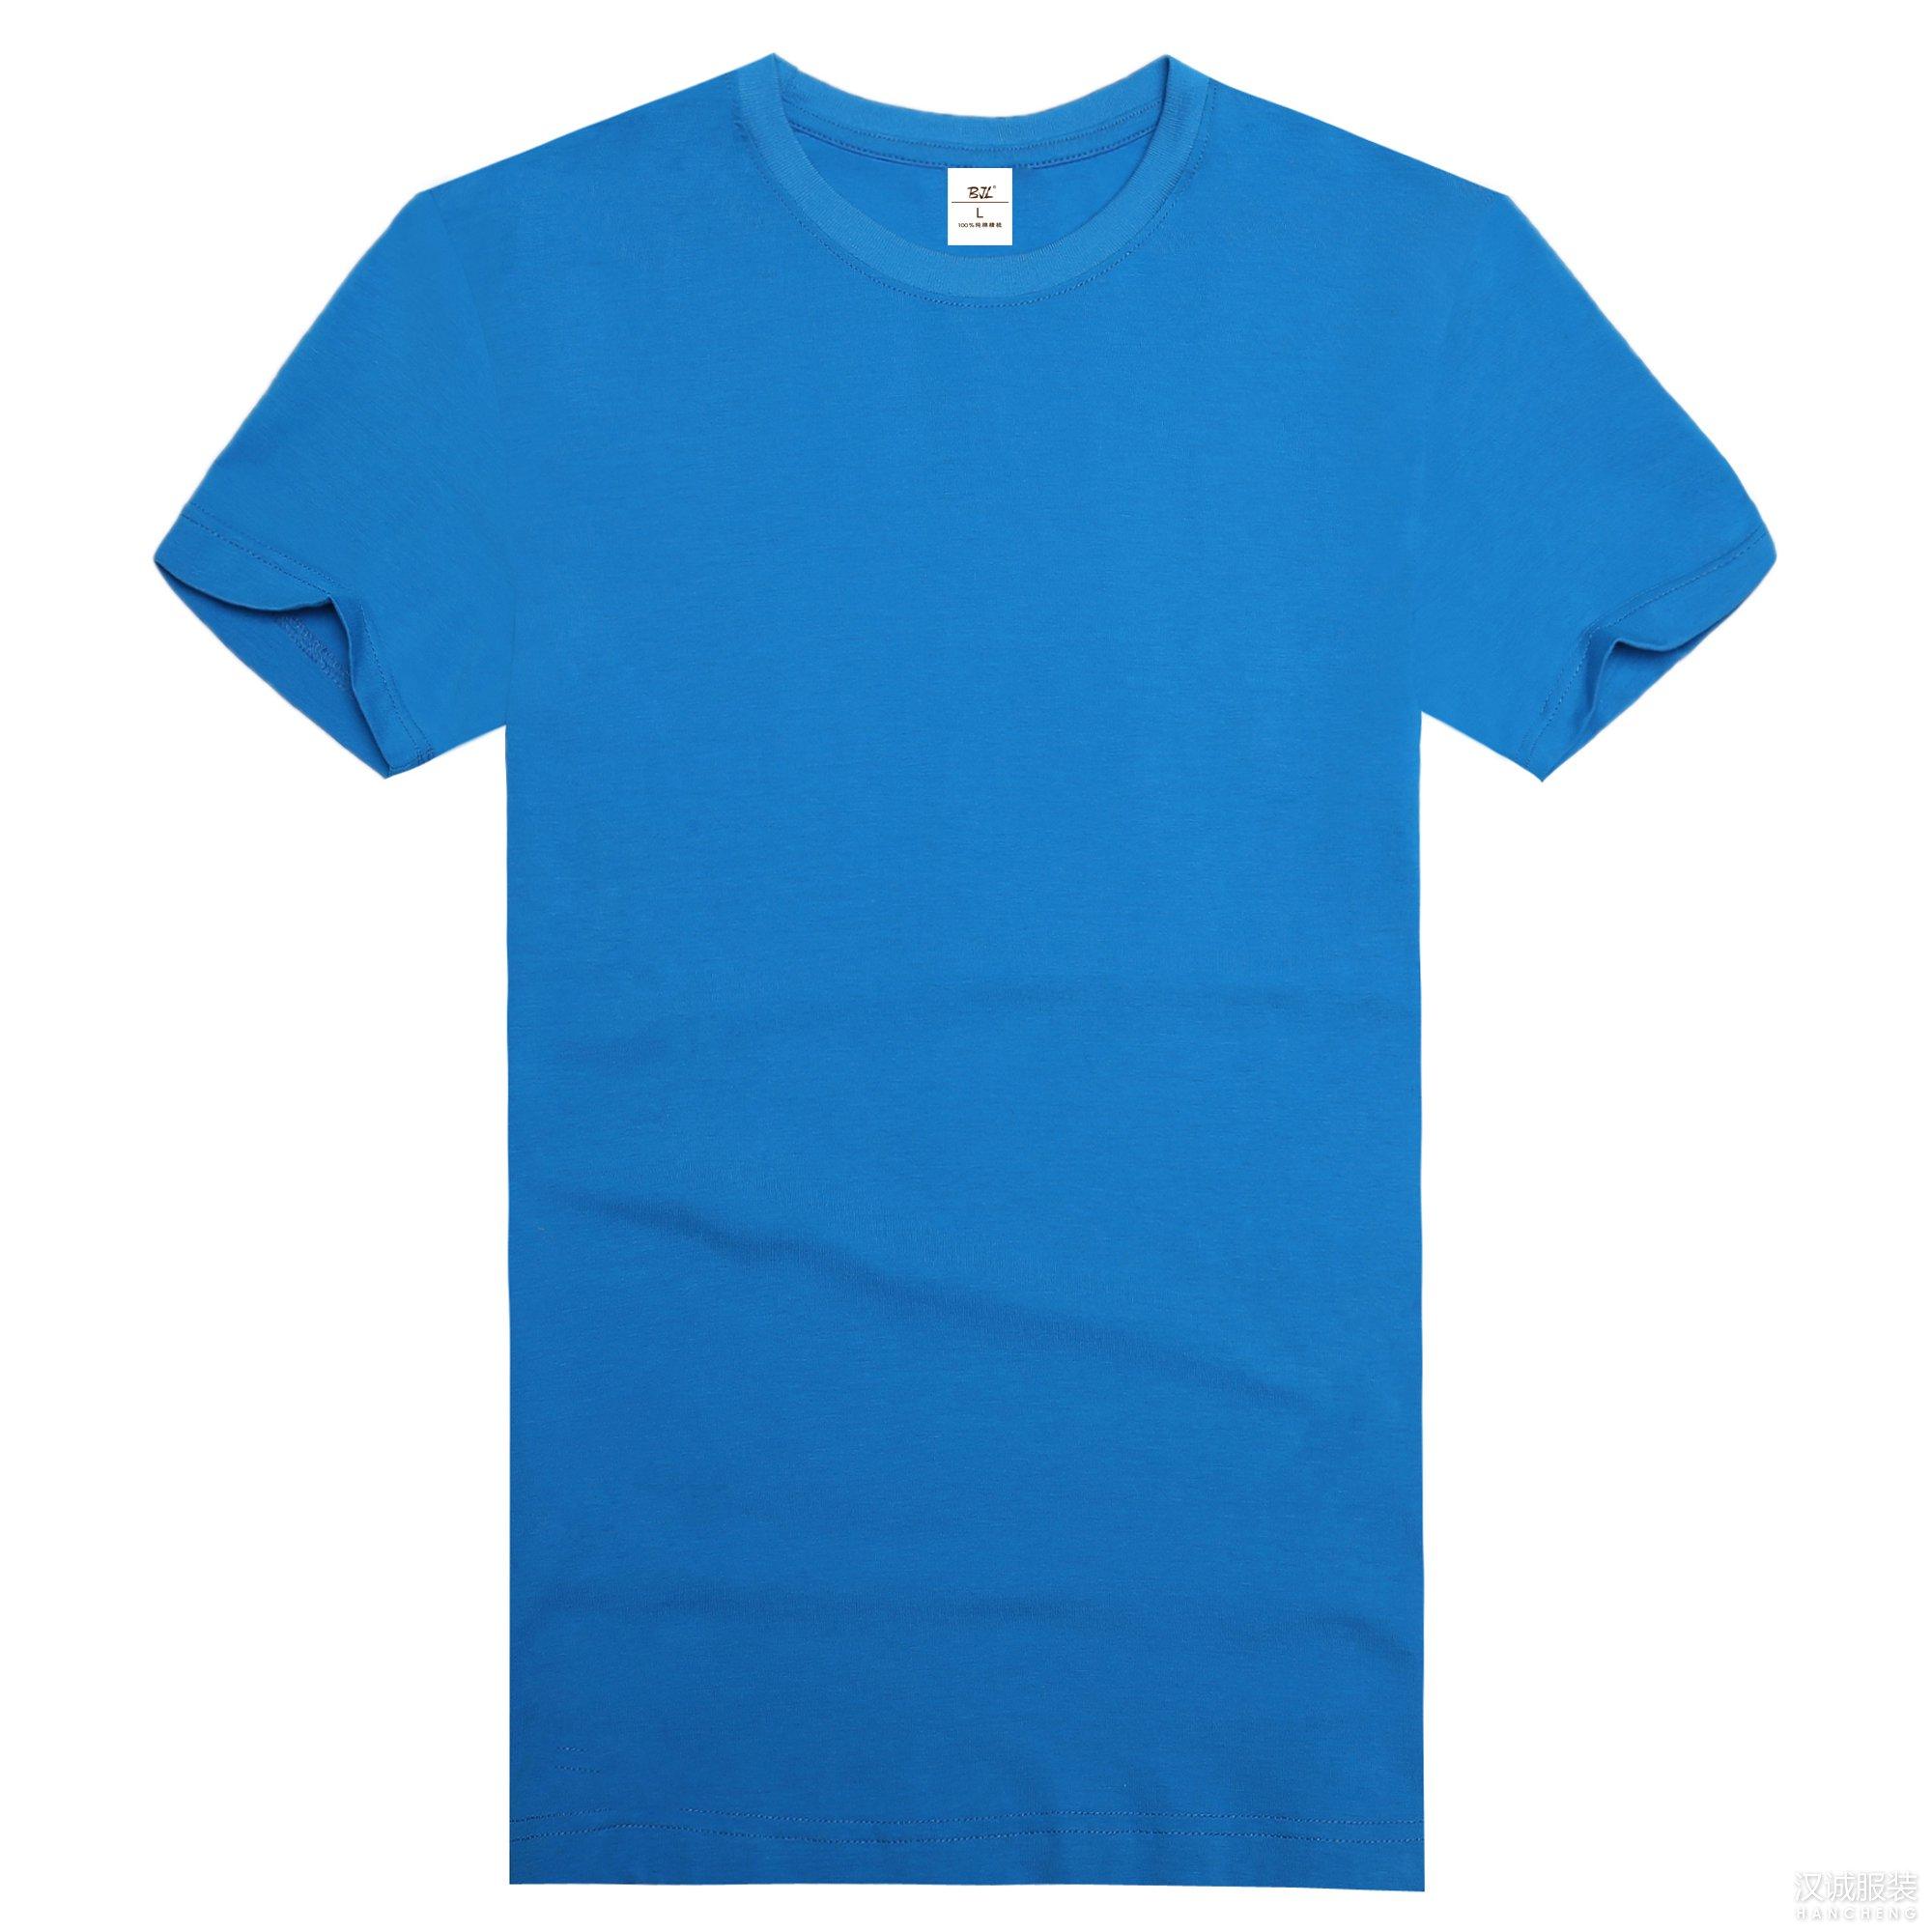 空白文化衫,订做空白圆领文化衫,空白文化衫批发厂家